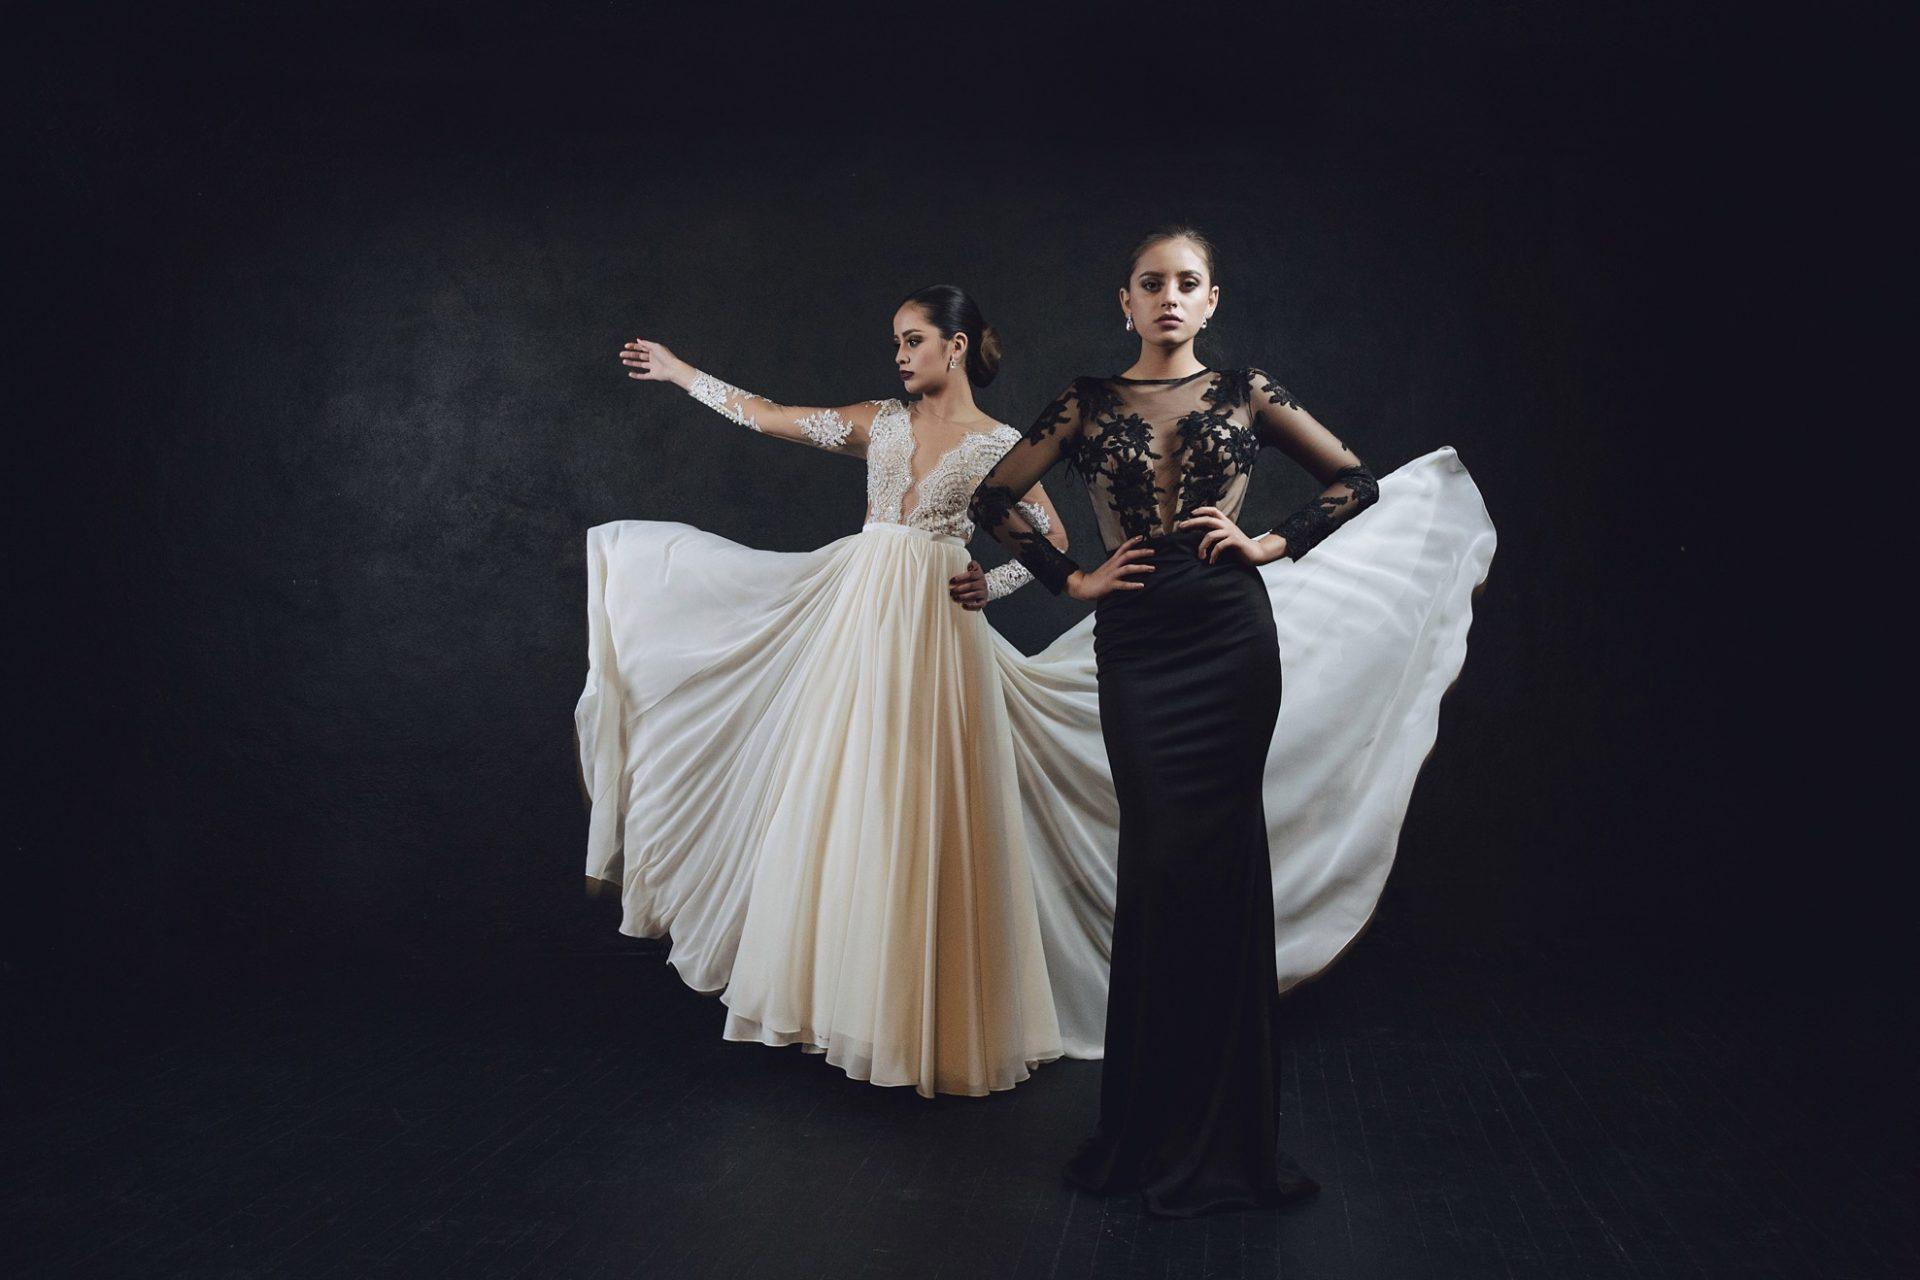 fotografo_profesional_bodas_zacatecas_casual_teatro_calderon_fashion-27